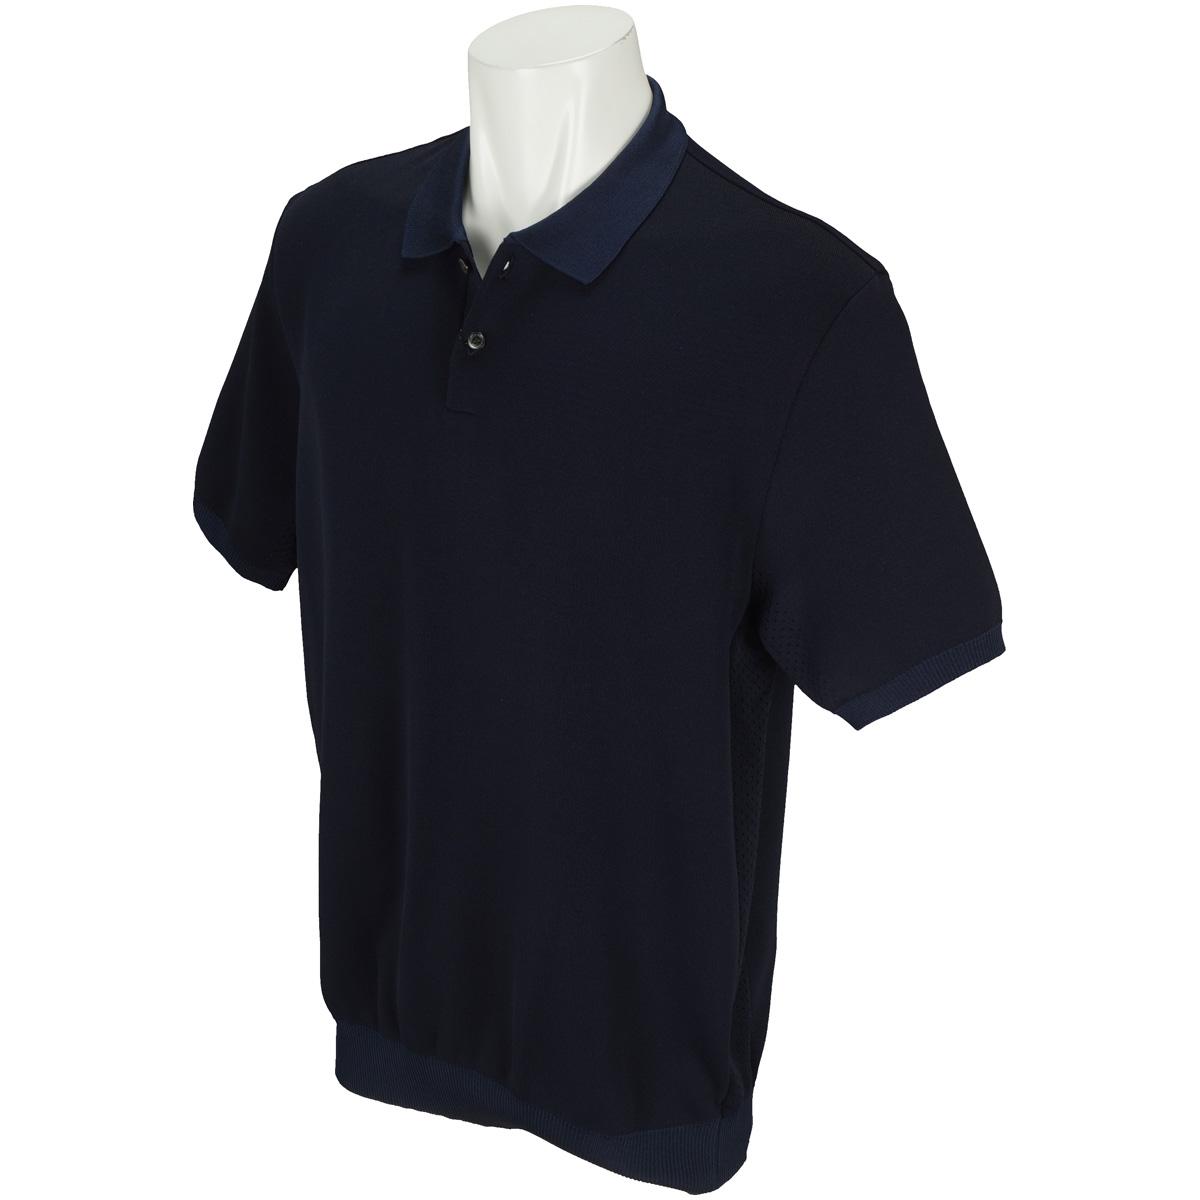 TGサイドアイレット撥水ニット半袖ポロシャツ